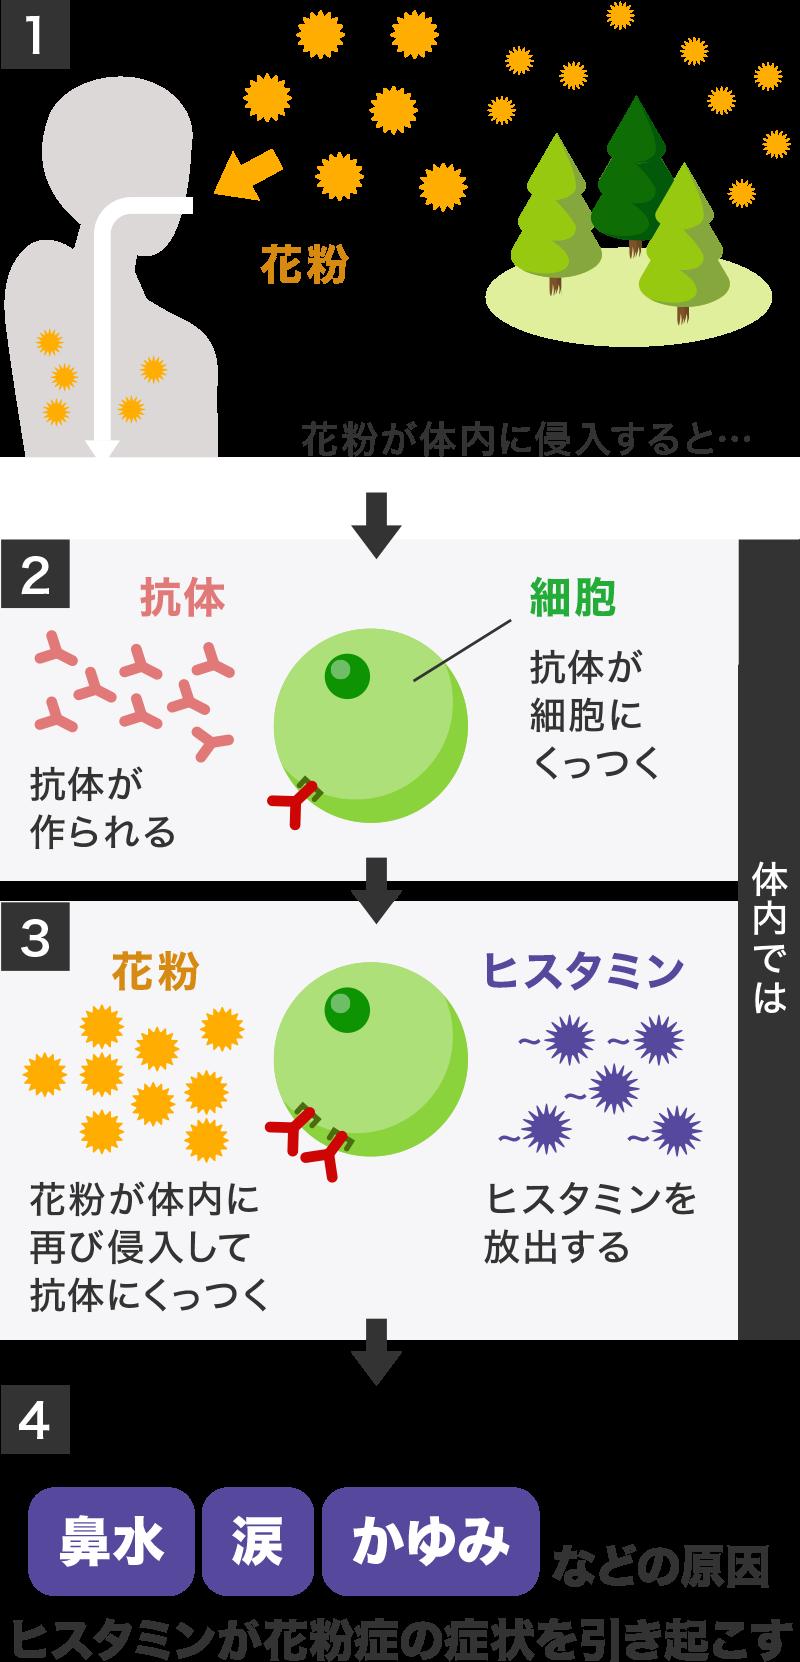 かゆみなどの原因ヒスタミンが花粉症の症状を引き起こす